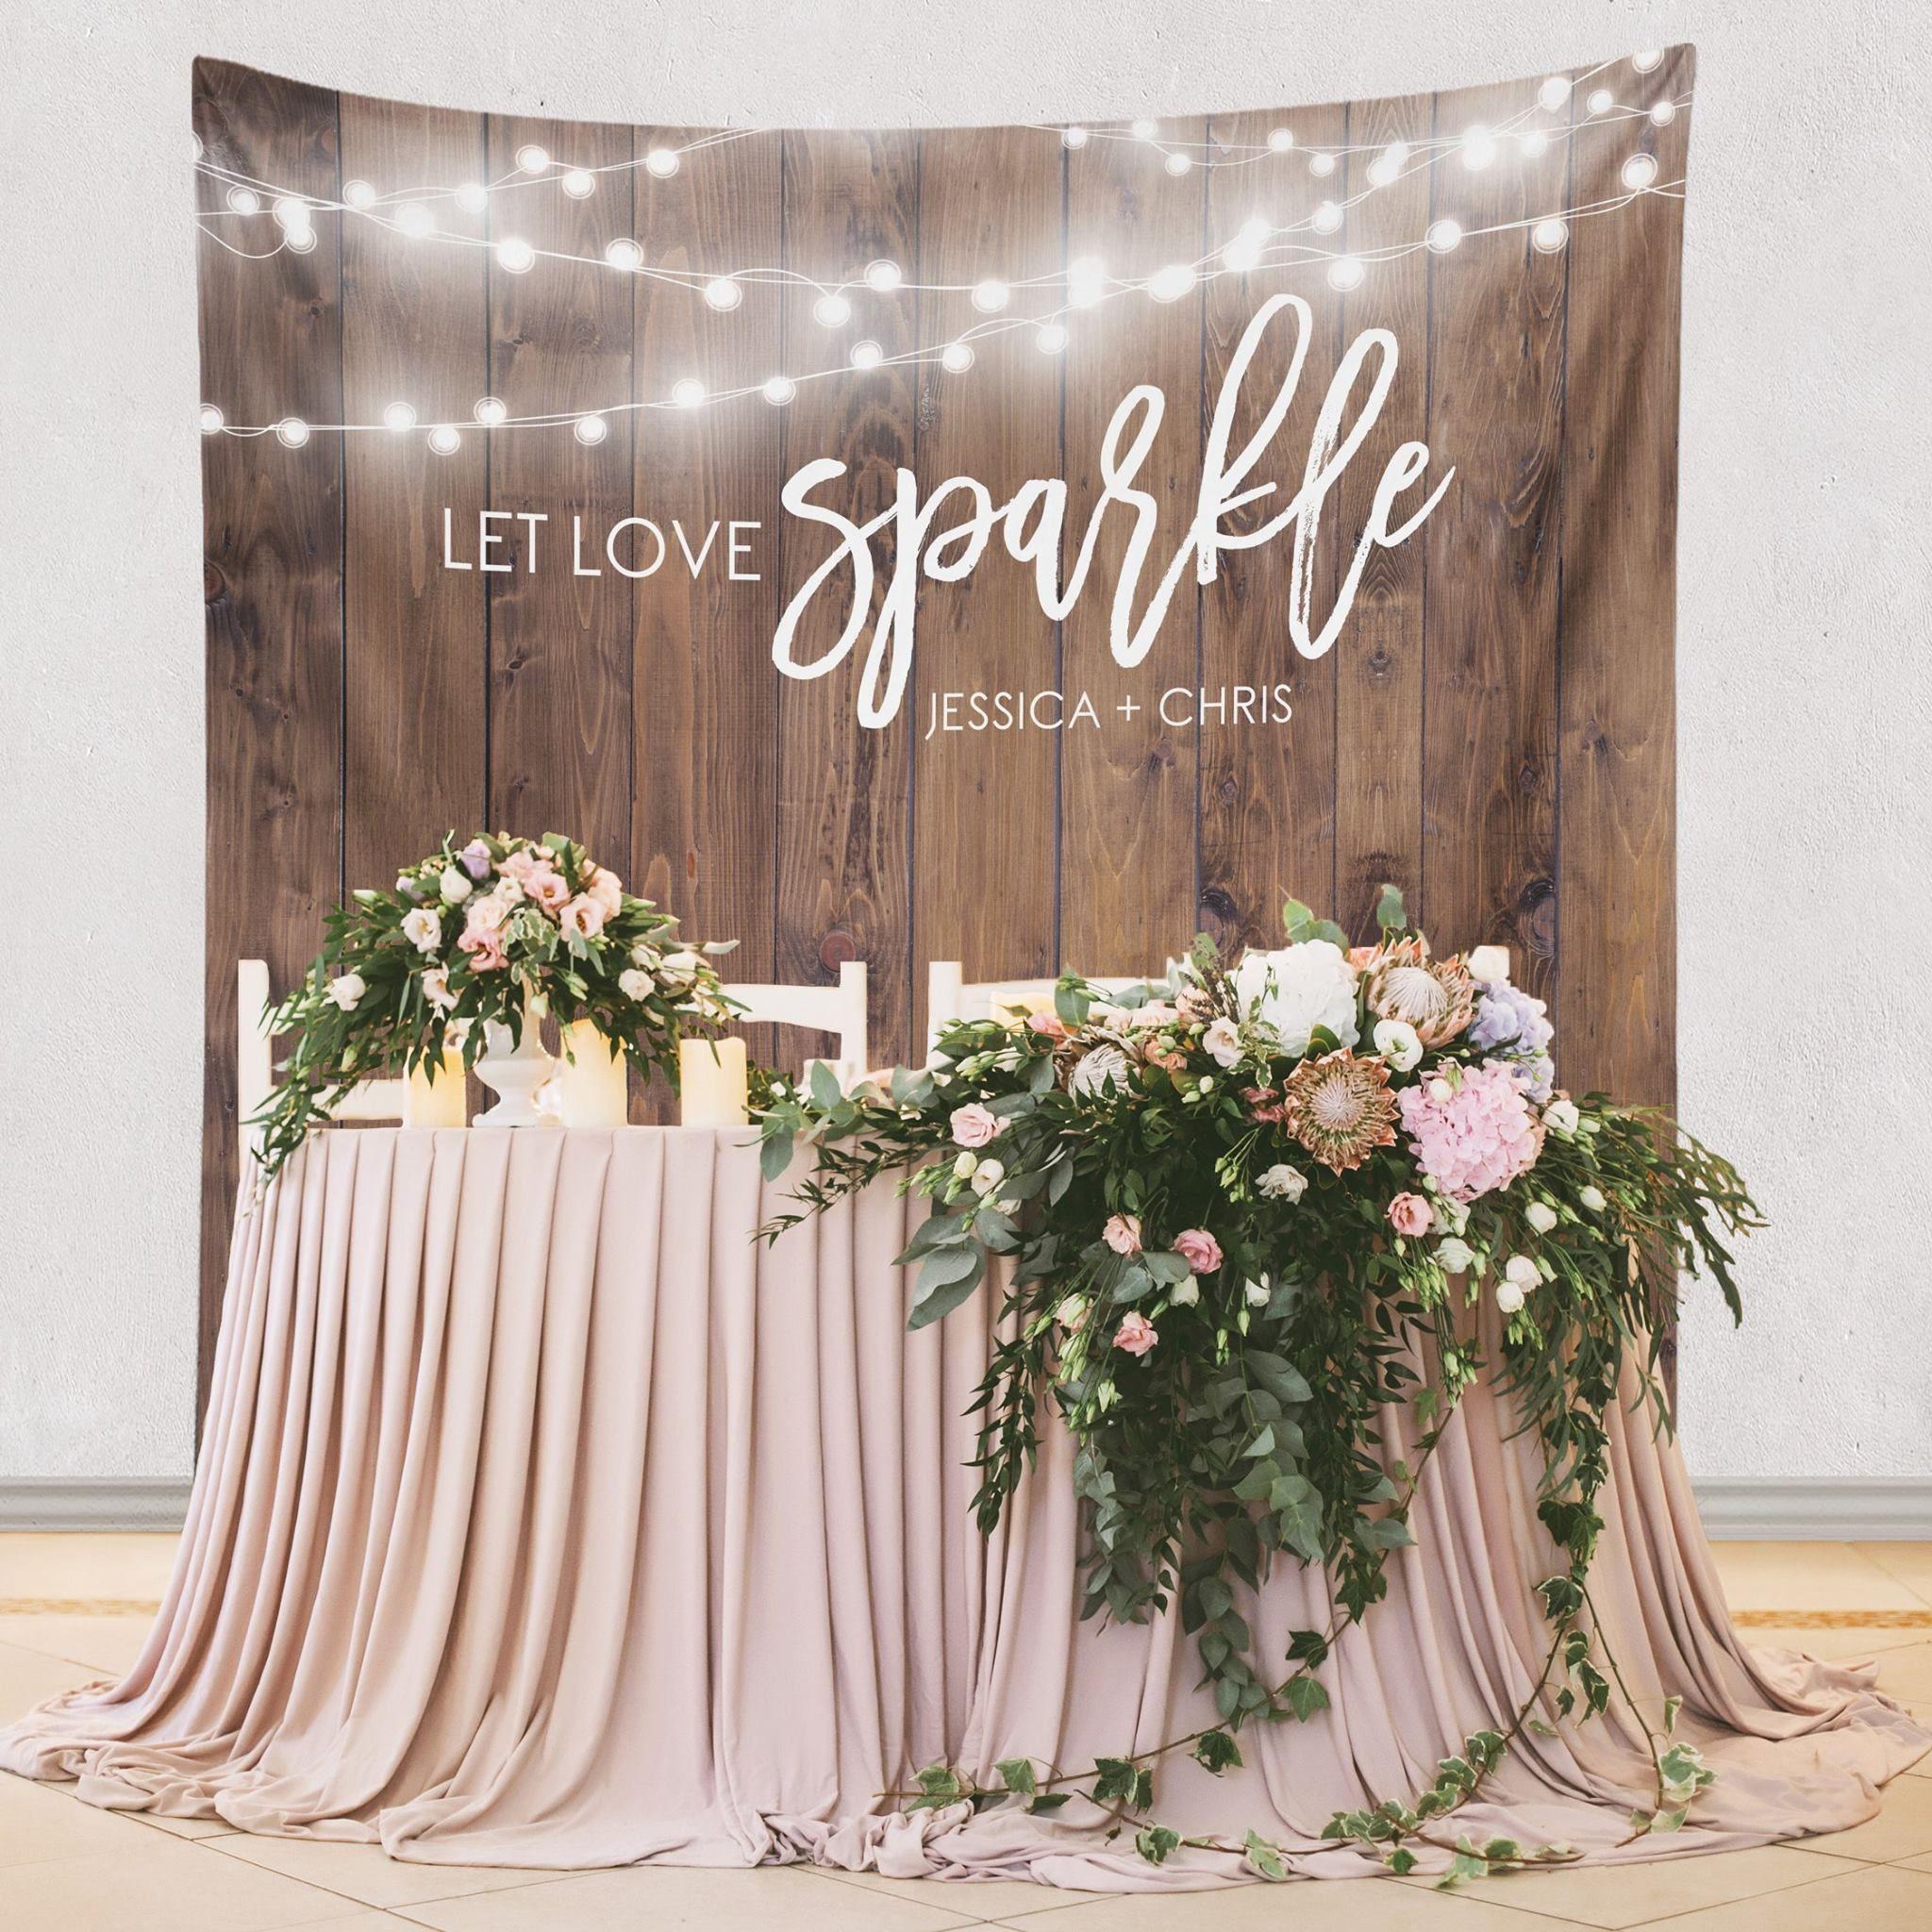 Custom wedding tapestries for dessert backdrops and photo booths custom wedding tapestries for dessert backdrops and photo booths junglespirit Gallery